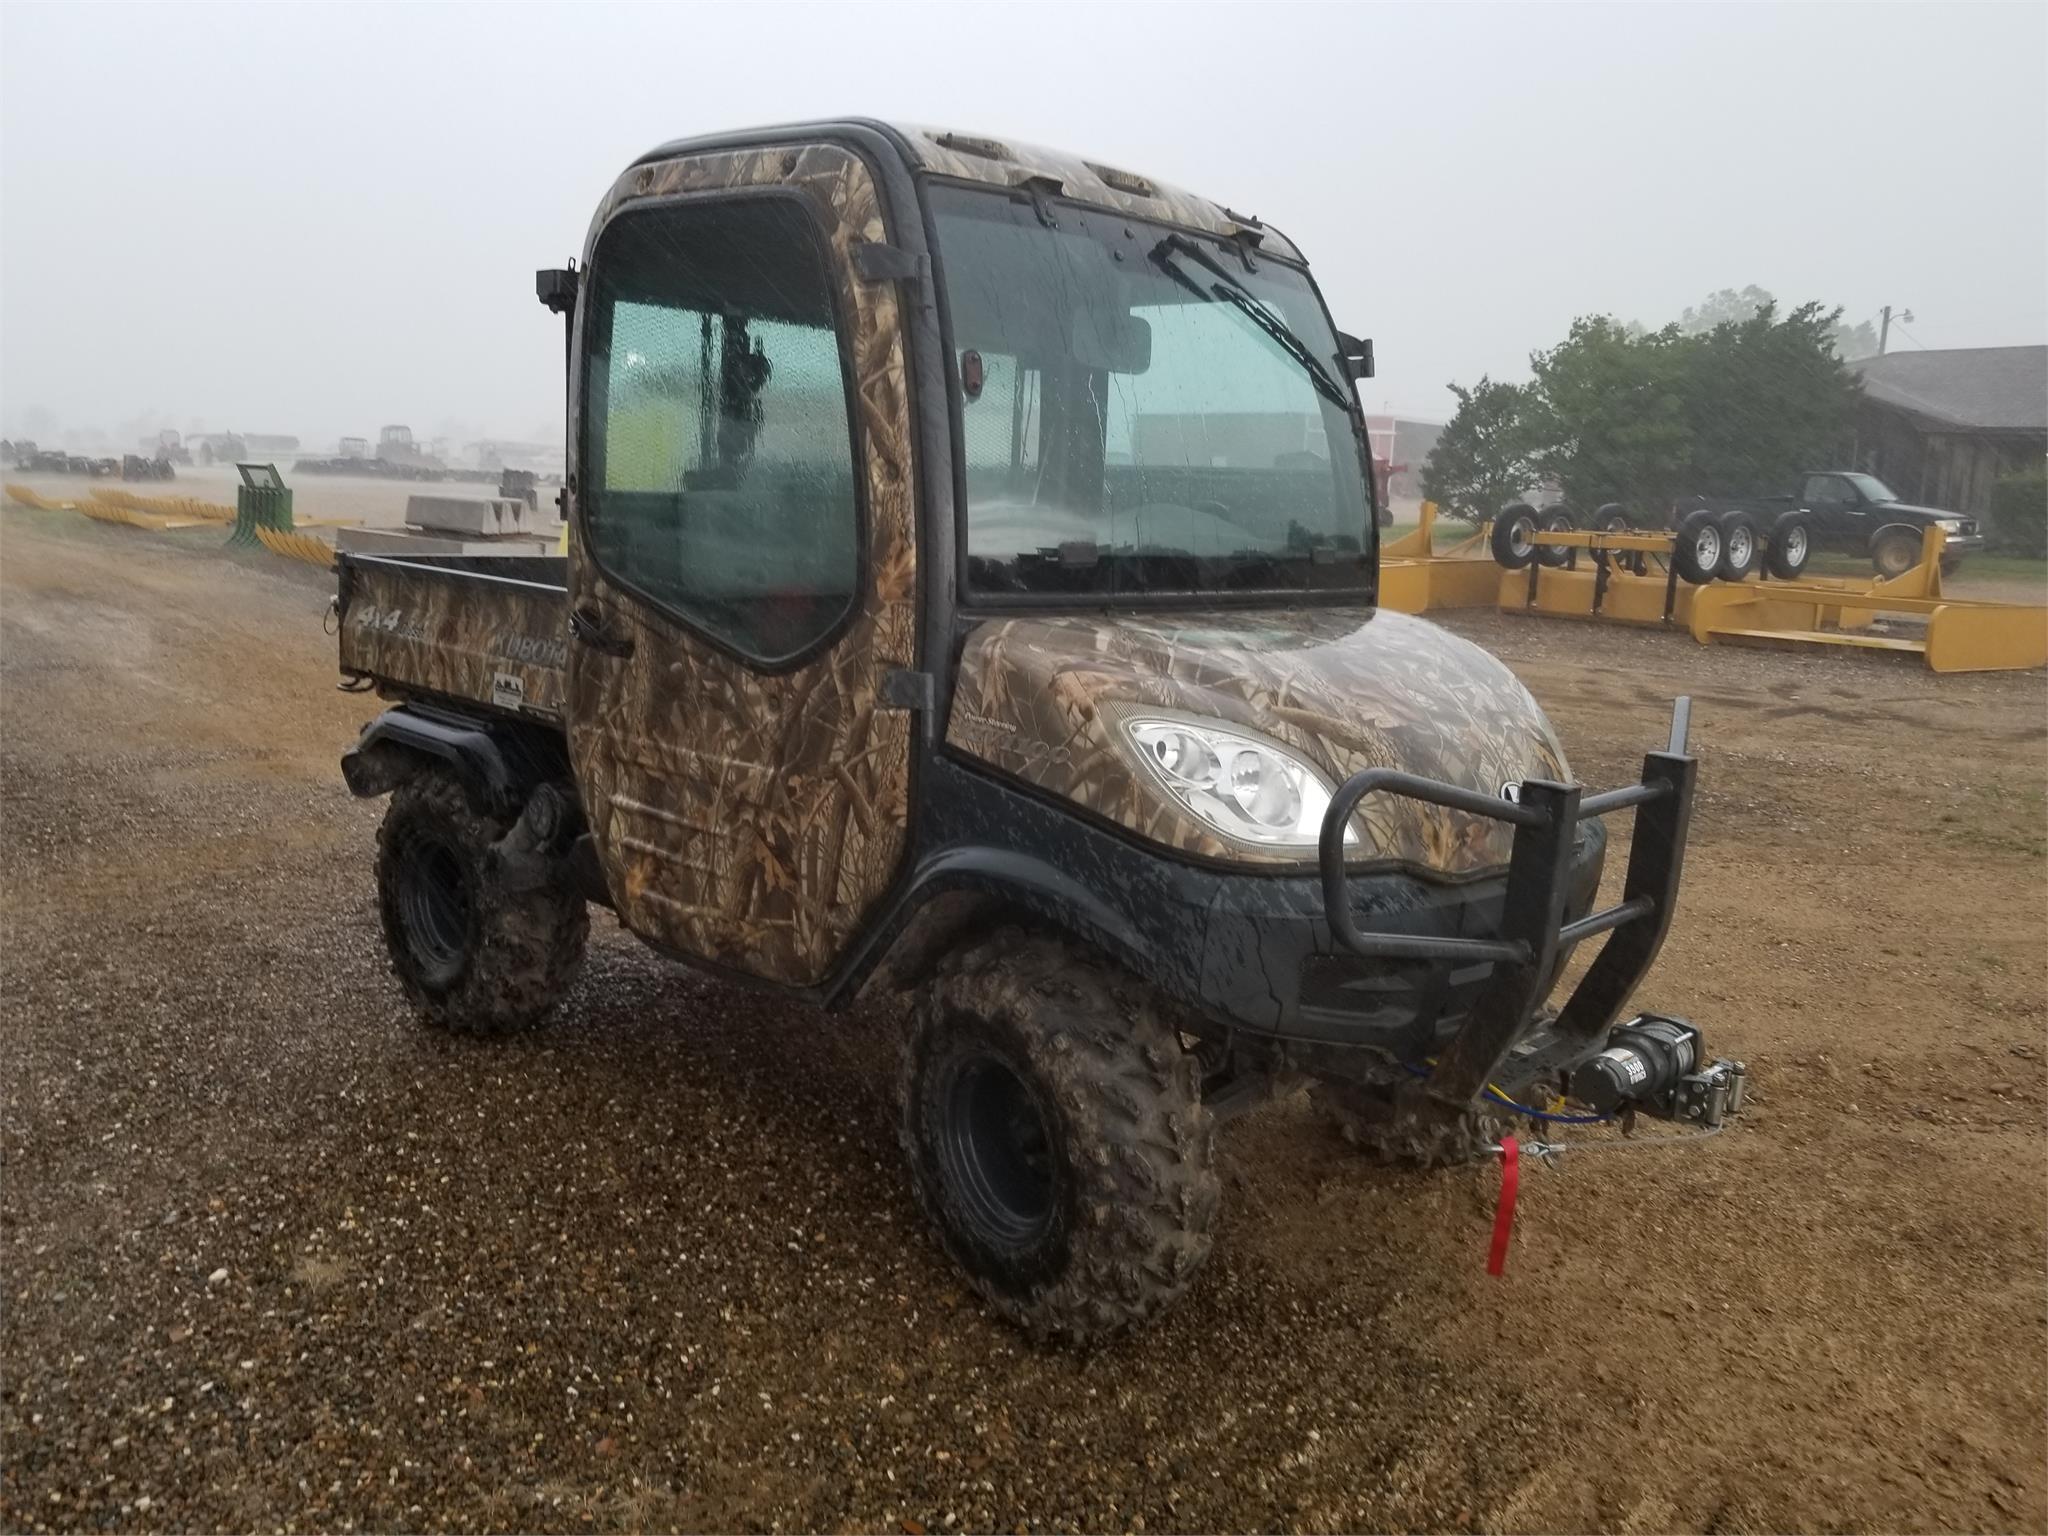 Kubota Rtv 1100 >> Kubota Rtv1100 For Sale In Idabel Oklahoma Motorsportsuniverse Com